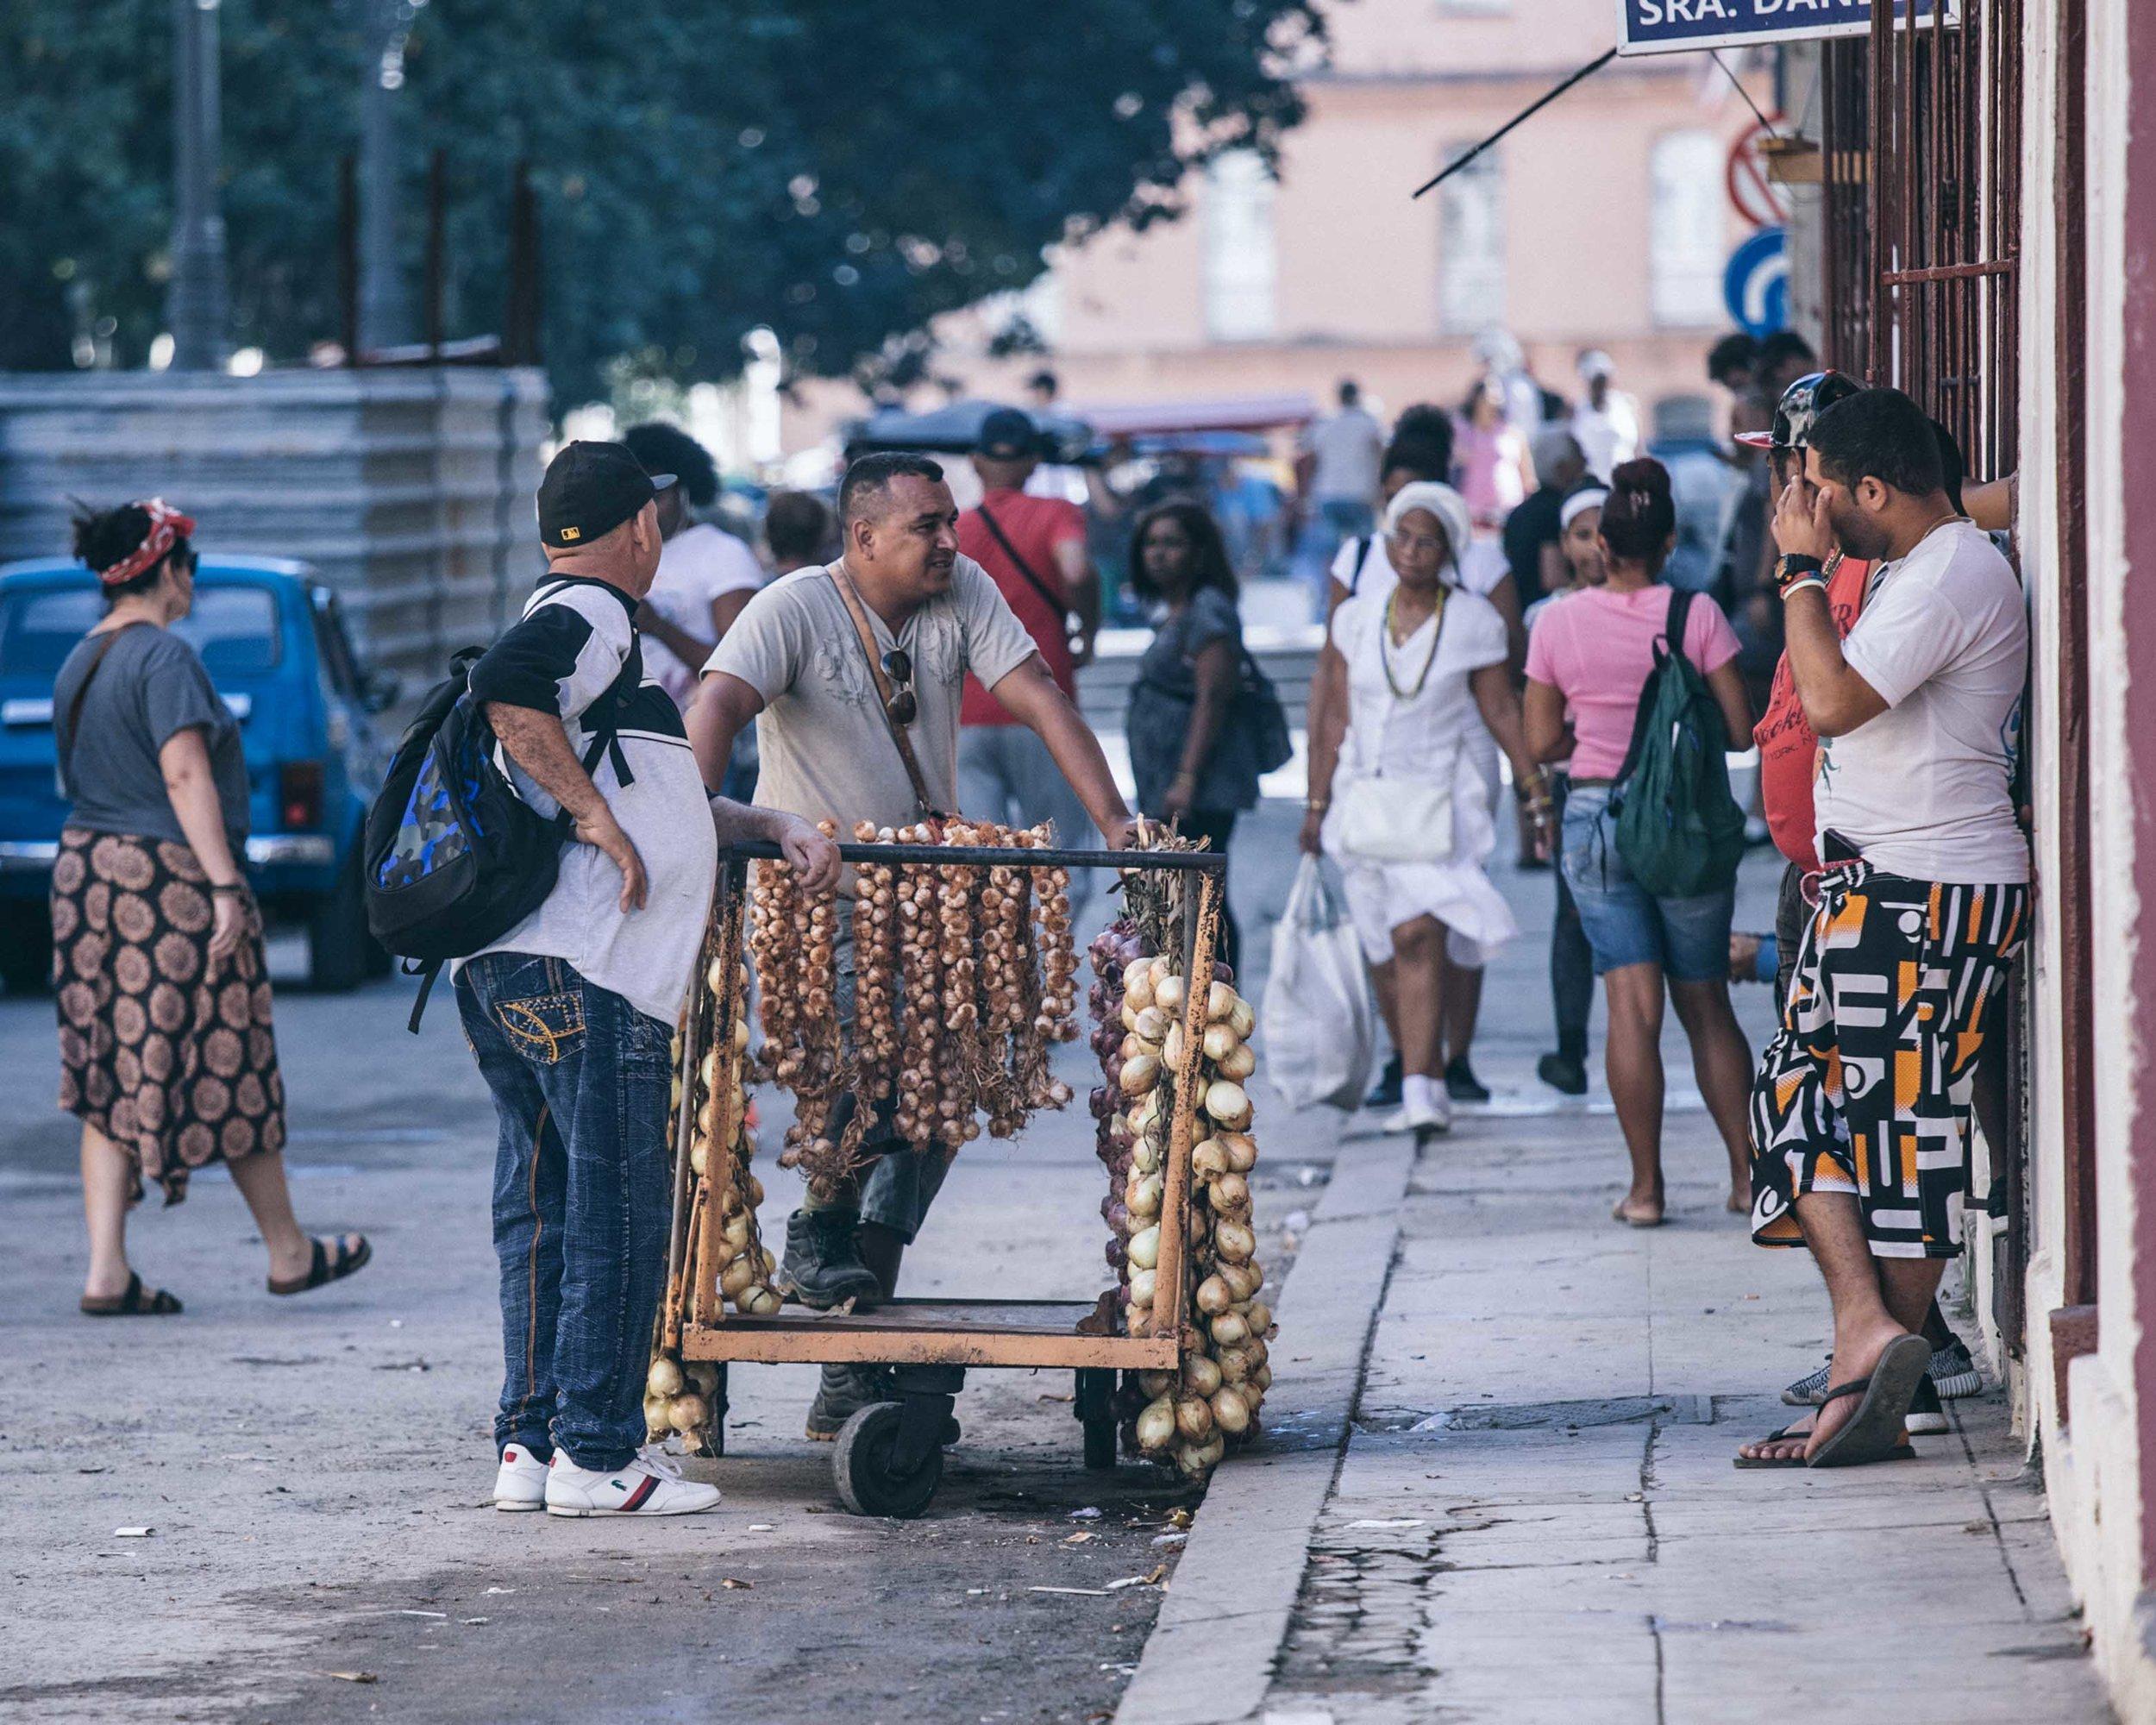 Cuba-davidbraud-0436.jpg